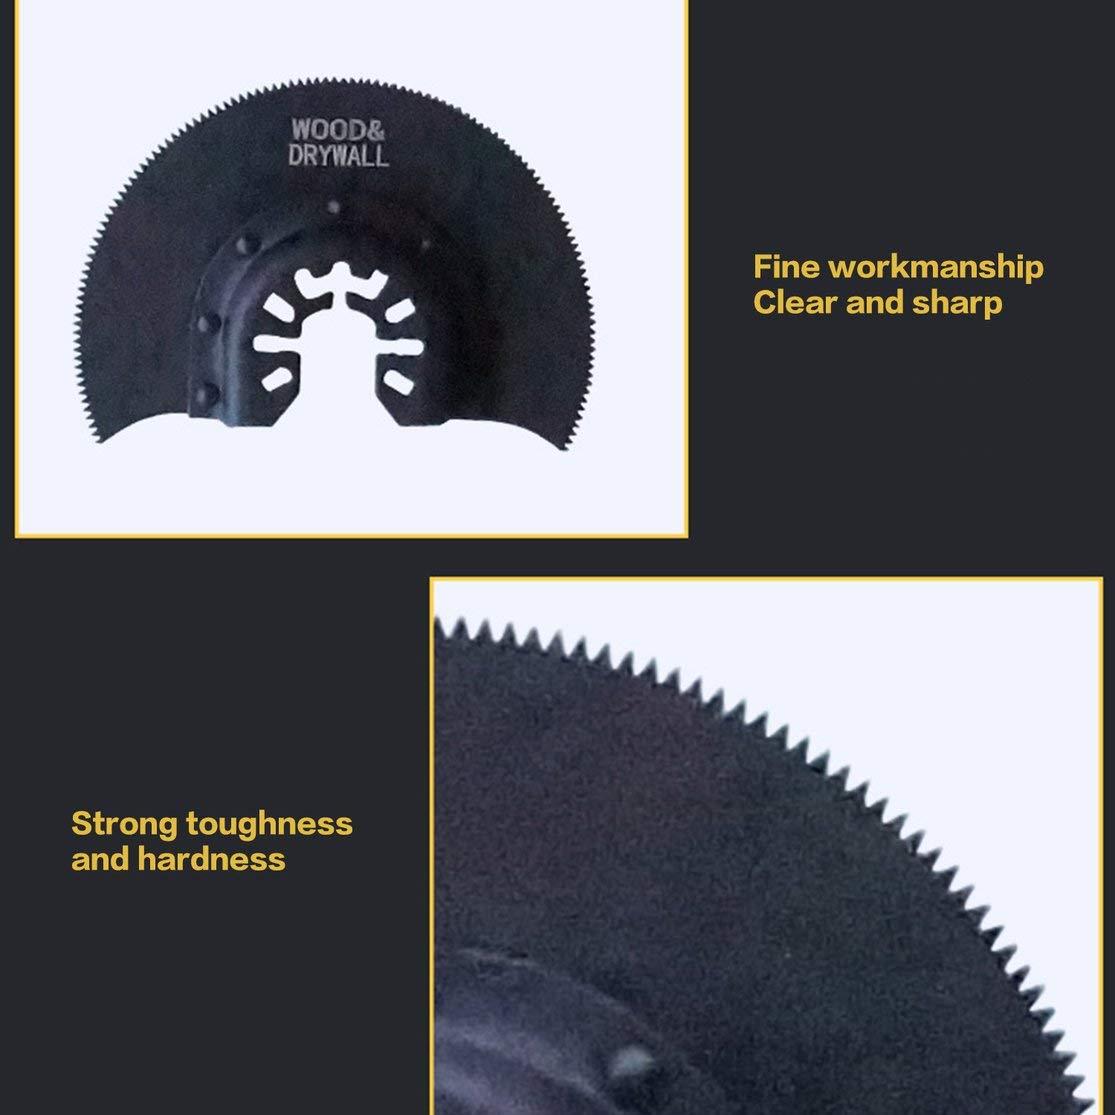 88 mm Herramientas multifuncionales oscilantes Accesorios para Herramientas el/éctricas para Cortar Madera LouiseEvel215 Hoja de Sierra de segmento HCS semicircular de 80 mm